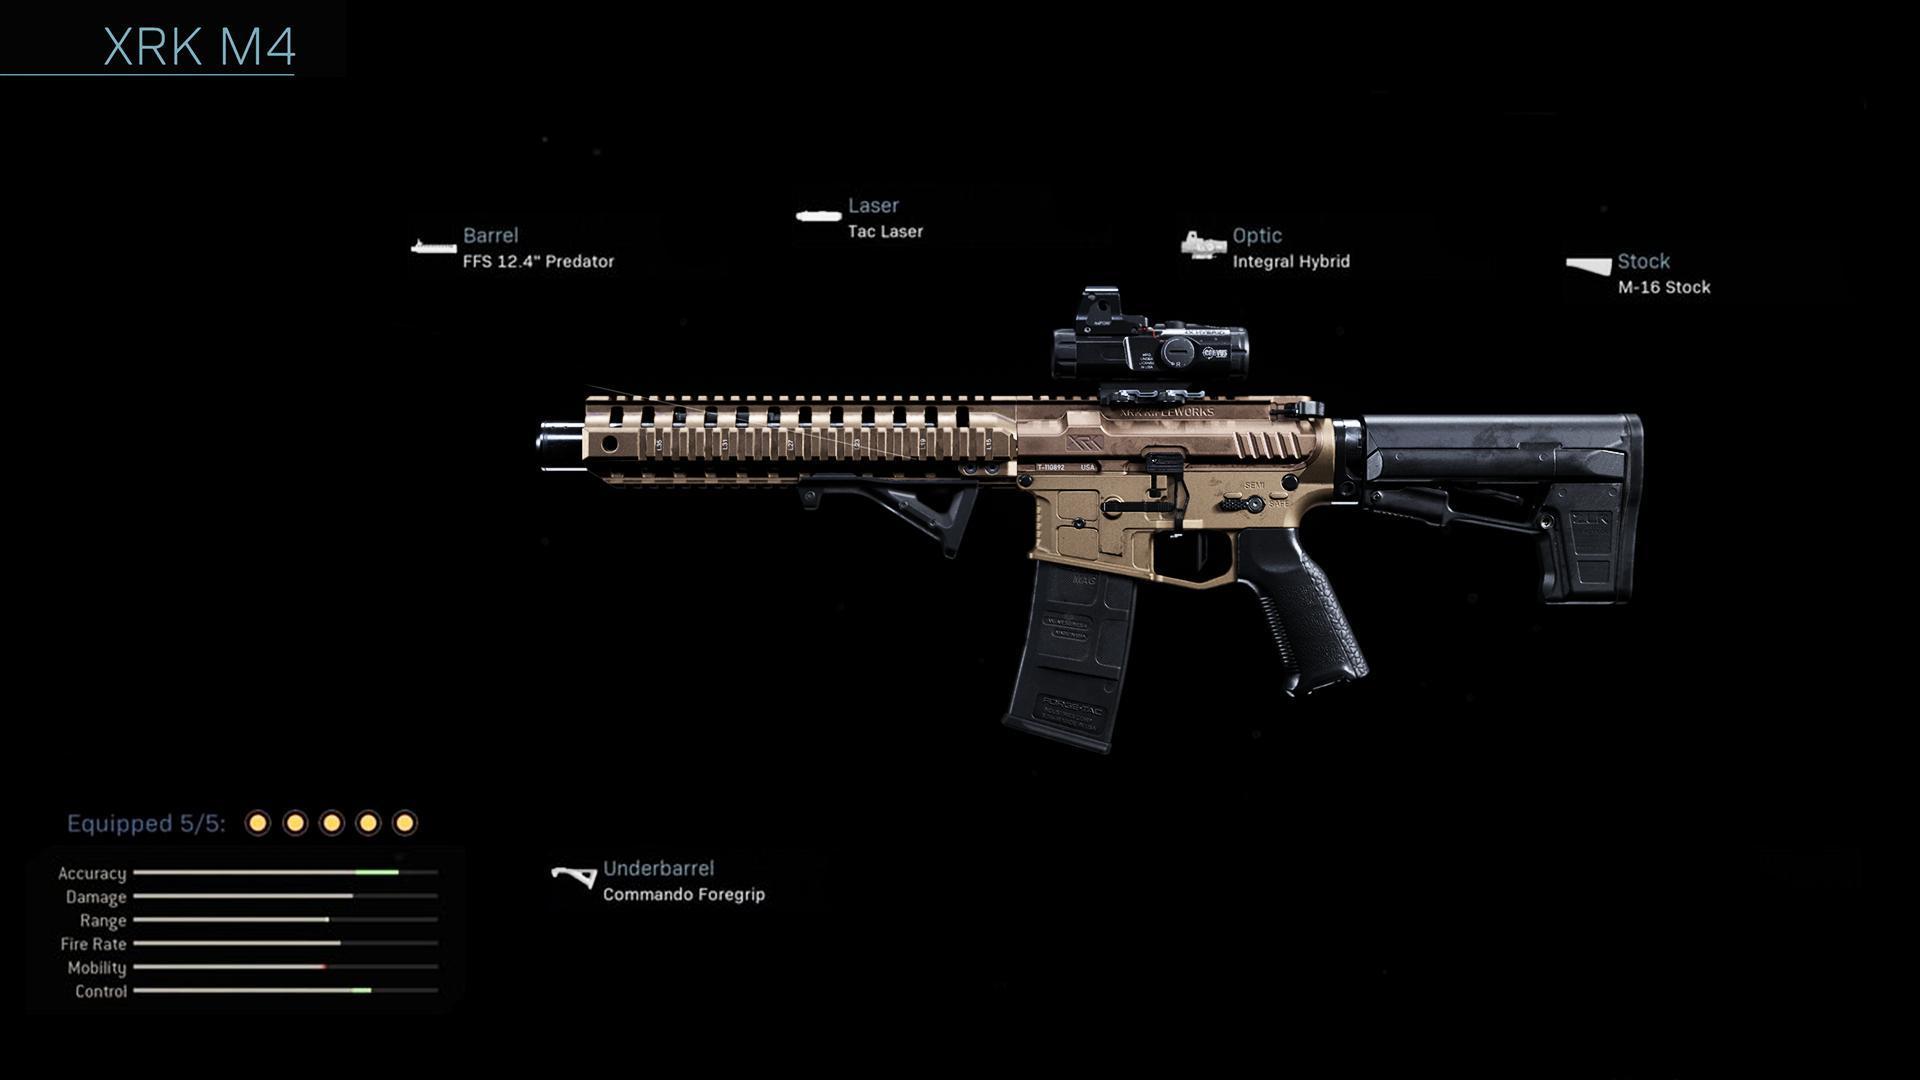 Как получить XRK M4 в Call of Duty: Modern Warfare 2019